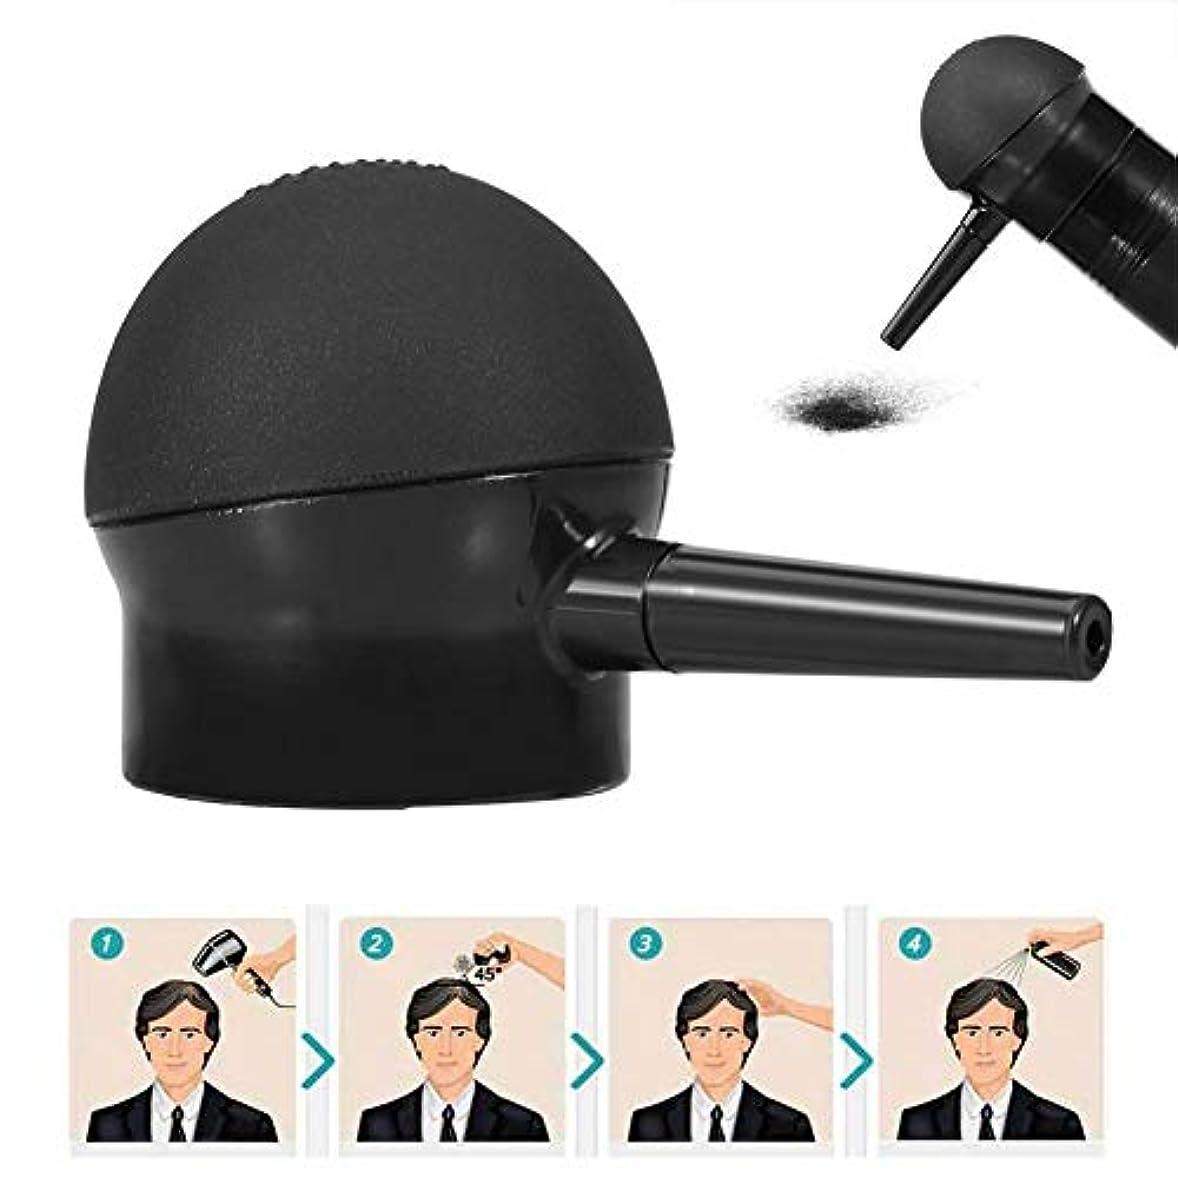 マナー薬剤師内向きヘアー 噴霧器、スプレー、アプリケーションヘア、ビルディング、ファイバー用ノズル、ヘア シックニング ツール